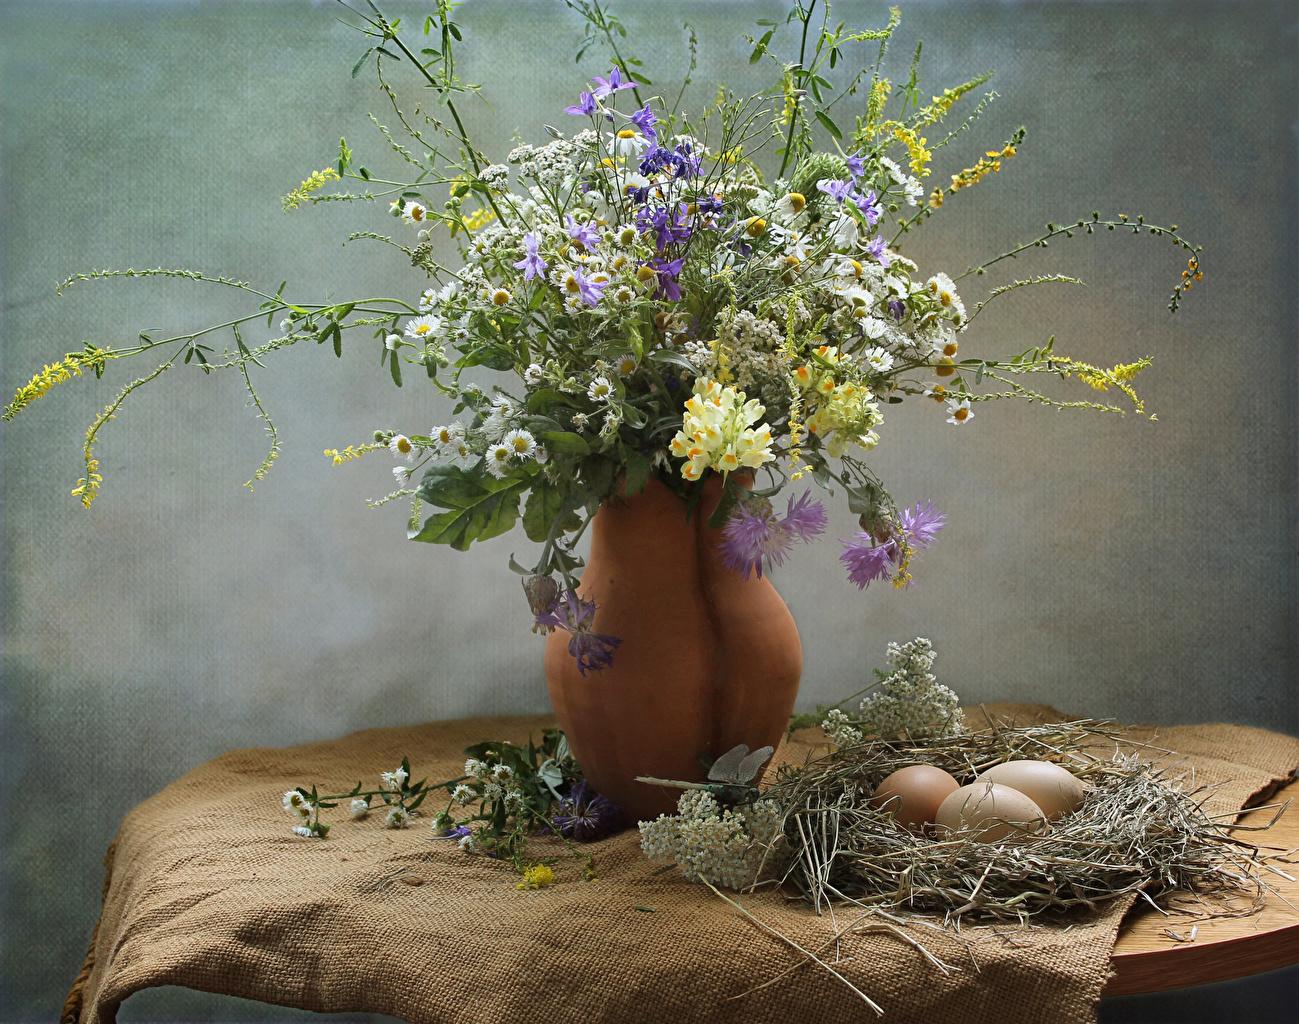 Фотографии яйцами Гнездо цветок ромашка Антирринум Ваза ветвь Васильки яиц Яйца яйцо гнезде гнезда Цветы Ромашки Львиный зев вазе вазы ветка Ветки на ветке